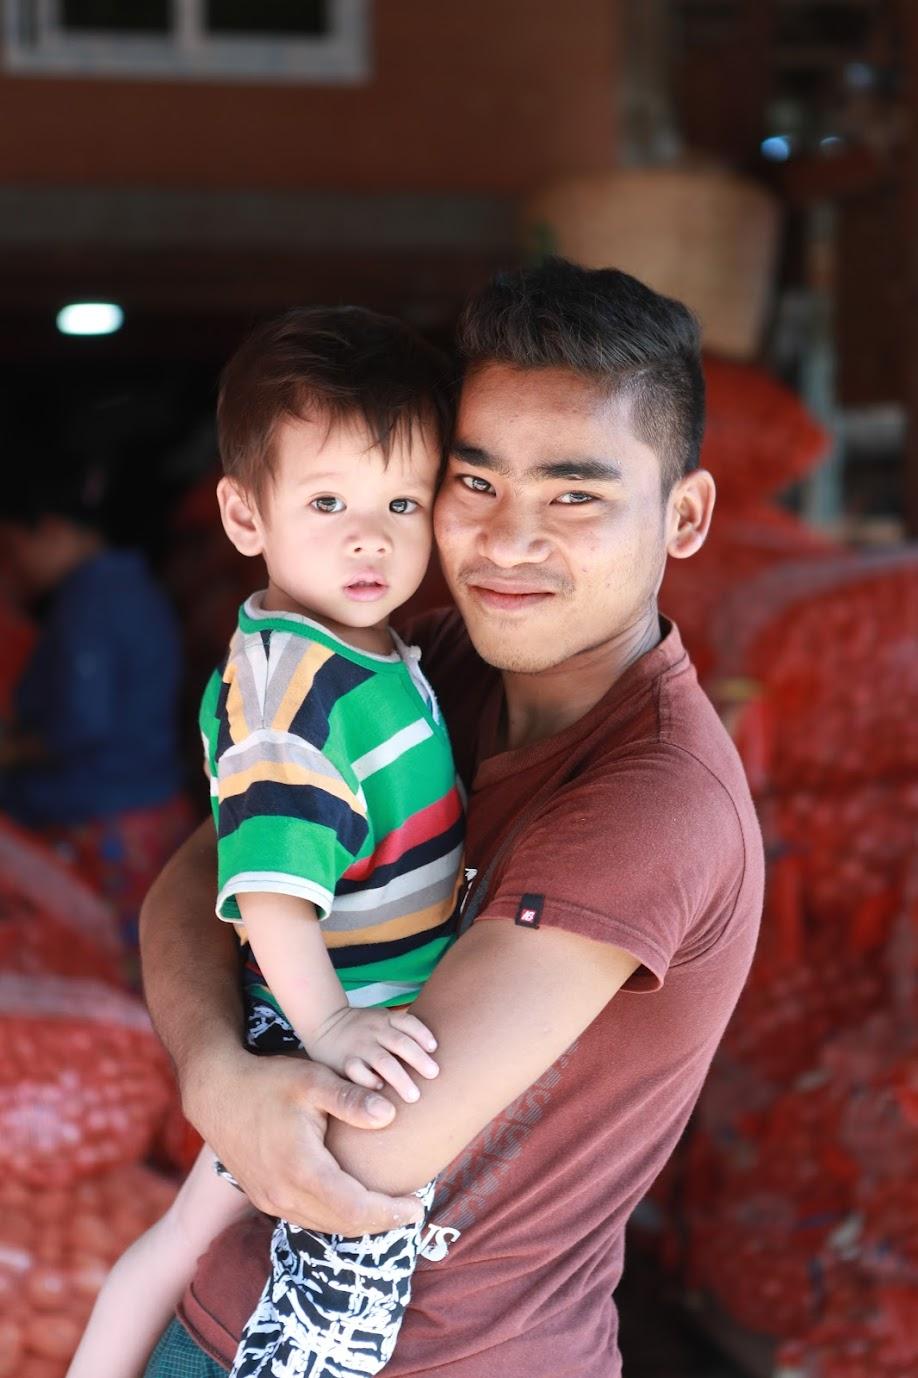 13일. 미얀마 미래의 리더를 꿈꾸며 – 한 영혼을 위한 노력들